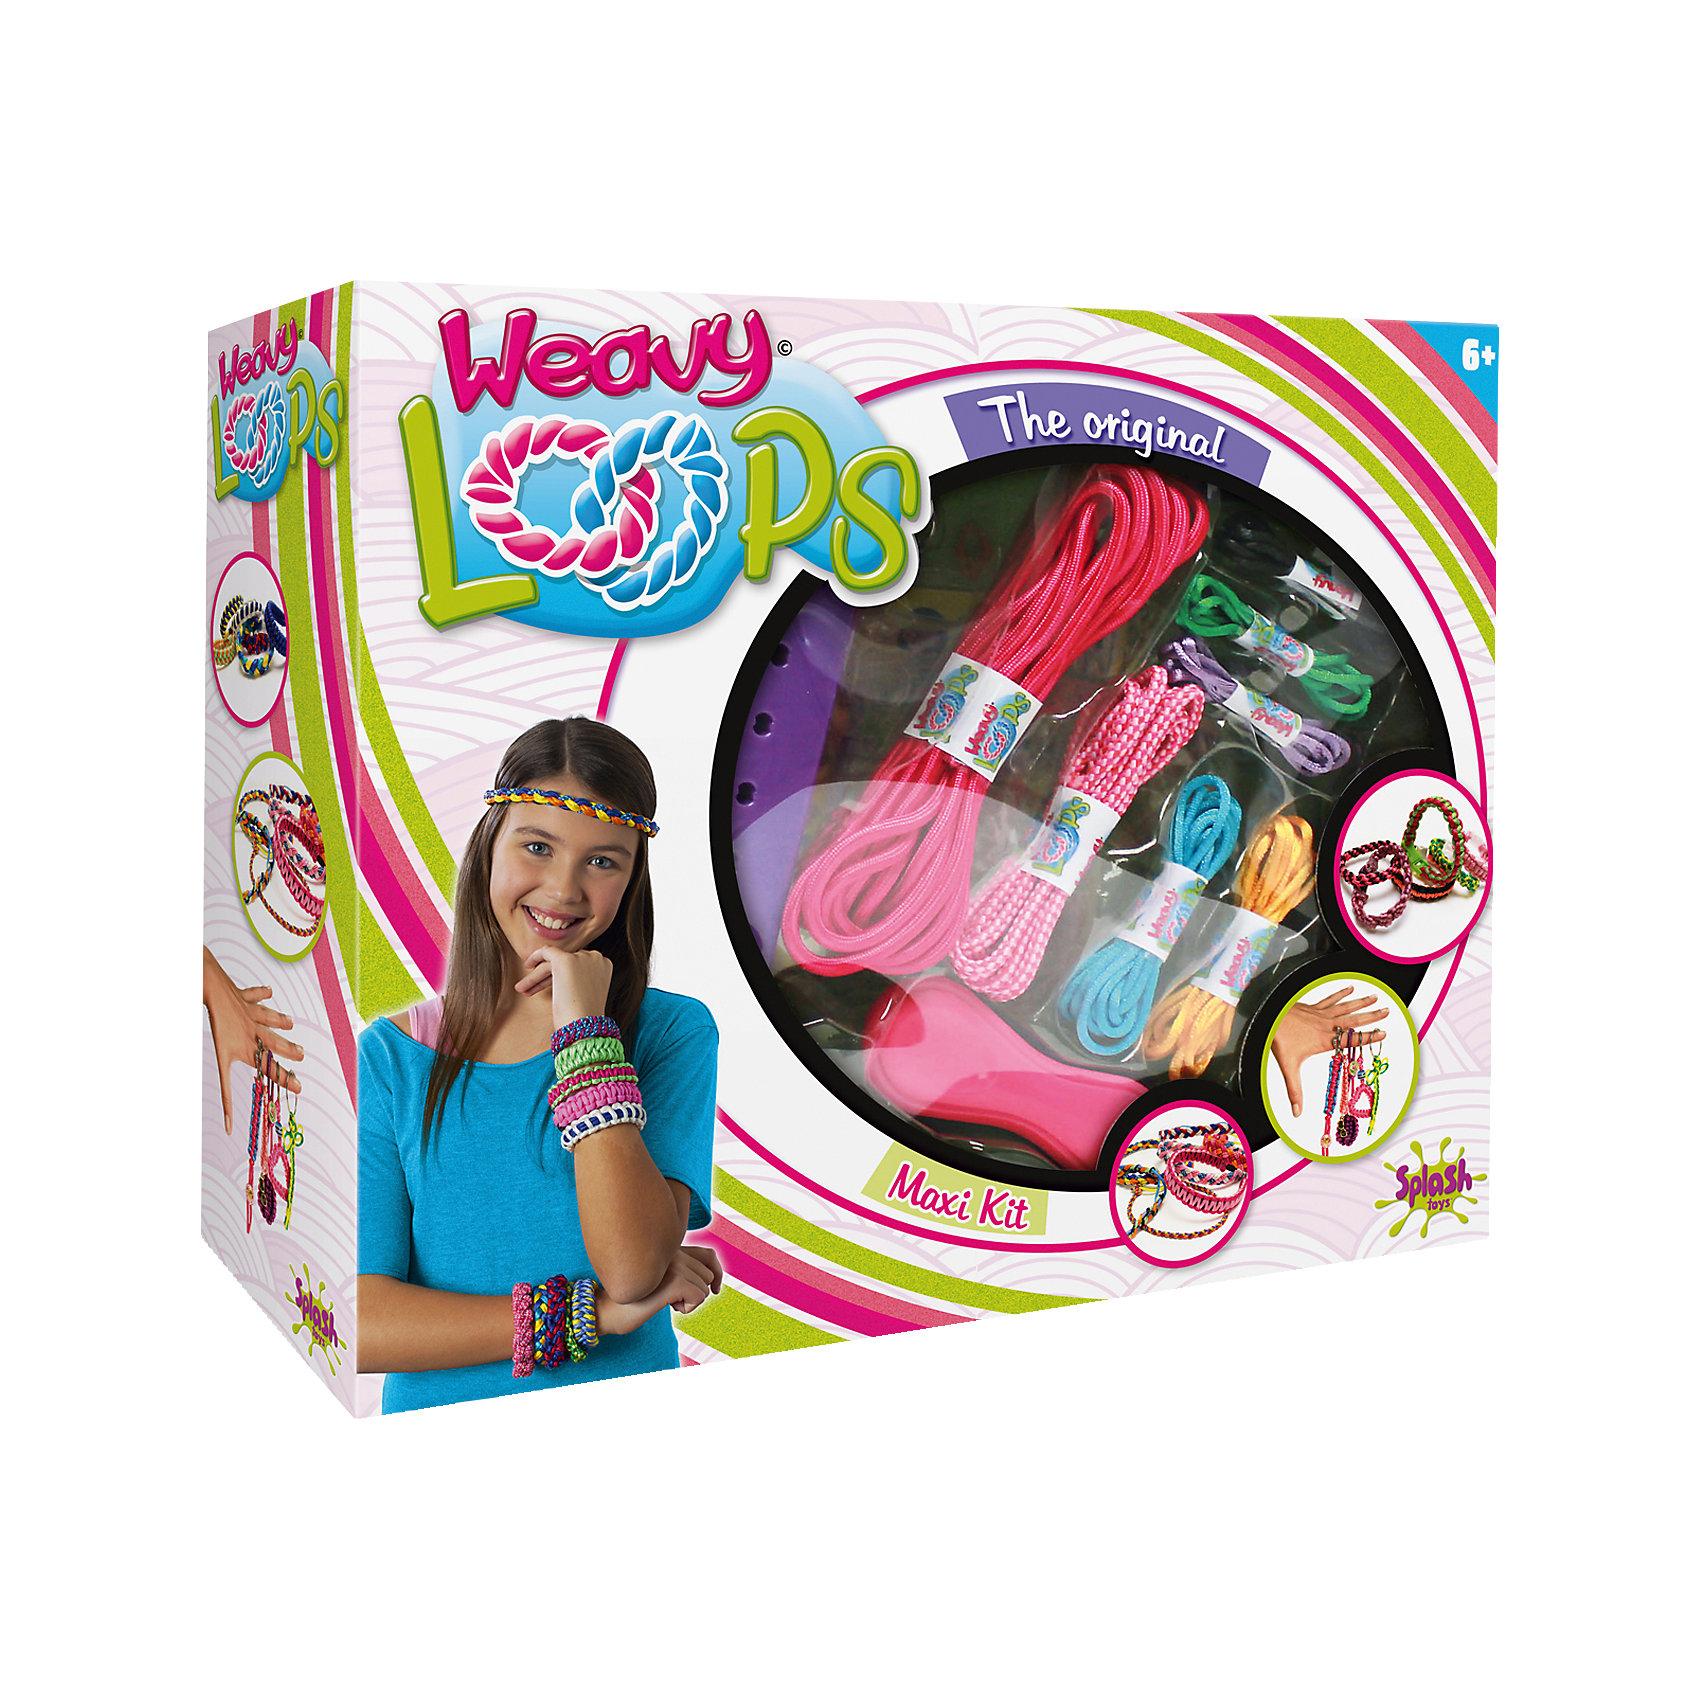 Набор для создания украшений 4 в 1, Weavy LoopsБольшой набор для создания украшений 4 в 1, Weavy Loops - увлекательный набор для творчества, который надолго увлечет Вашу девочку и не даст ей скучать. Браслеты, обручи, брелки, цветные шнурки для украшения различных аксессуаров - можно сплести все, что подскажет фантазия. В комплекте Вы найдете все необходимые для изготовления ярких и стильных украшений: инструмент для плетения, цветные шнурки разных цветов, клипсы, цветные колечки, петли и другие аксессуары. Несложная, доступная даже новичкам техника плетения позволит Вам быстро освоить новый вид творчества и порадоваться первым успехам. Оригинальные украшения помогут создать свой неповторимый стиль или станут прекрасным подарком, сделанным своими руками. Комплект оформлен в яркую подарочную коробочку. Развивает творческие и художественные способности, фантазию, усидчивость, мелкую моторику.<br><br> Дополнительная информация:<br><br>- В комплекте: инструмент для плетения, цветные шнурки, петли, застежки, клипсы, цветные колечки, наклейки для украшения, другие аксессуары.<br>- Материал: пластик, текстиль, металл.<br>- Размер упаковки: 26,1 x 31,9 x 8,3 см. <br>- Вес: 0,598 кг.<br><br>Набор для создания украшений 4 в 1, Weavy Loops, можно купить в нашем интернет-магазине.<br><br>Ширина мм: 330<br>Глубина мм: 259<br>Высота мм: 88<br>Вес г: 591<br>Возраст от месяцев: 72<br>Возраст до месяцев: 144<br>Пол: Женский<br>Возраст: Детский<br>SKU: 4050216